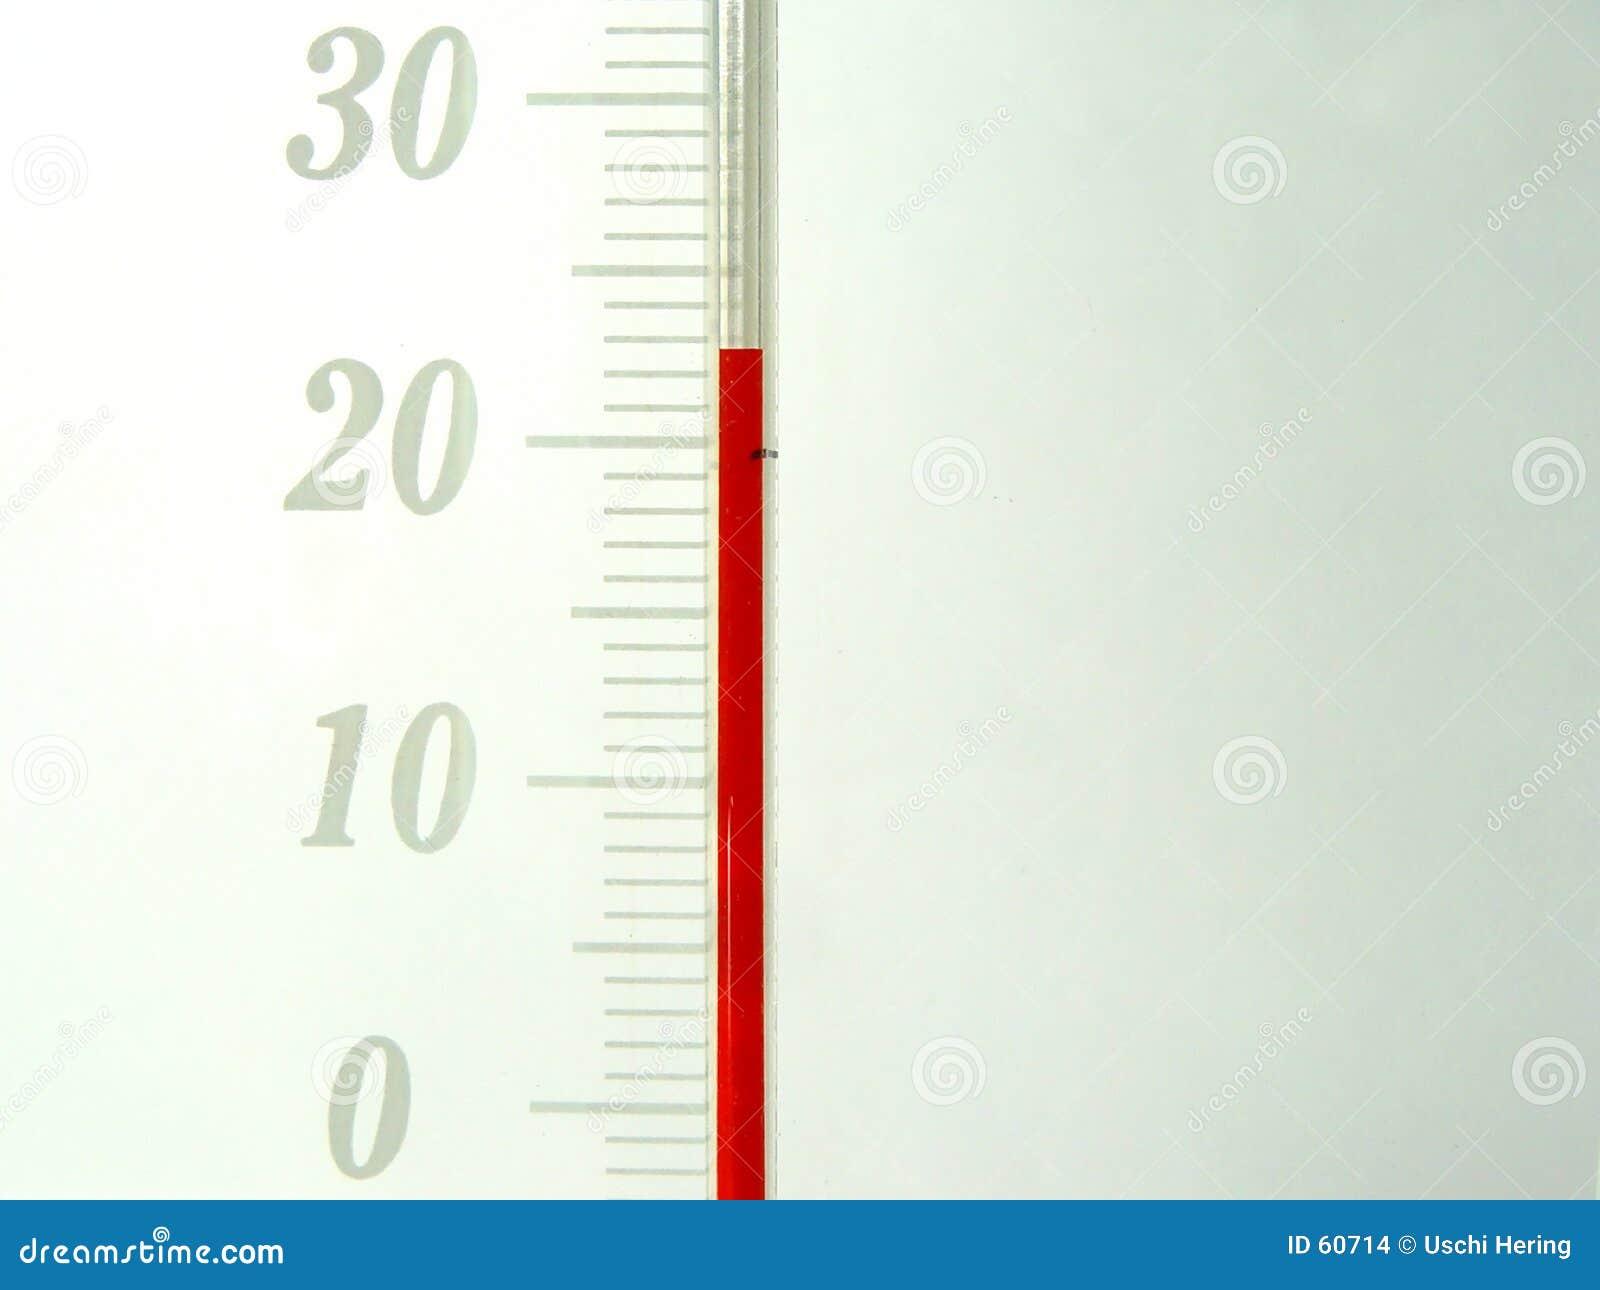 Download La température de source photo stock. Image du sandblast - 60714